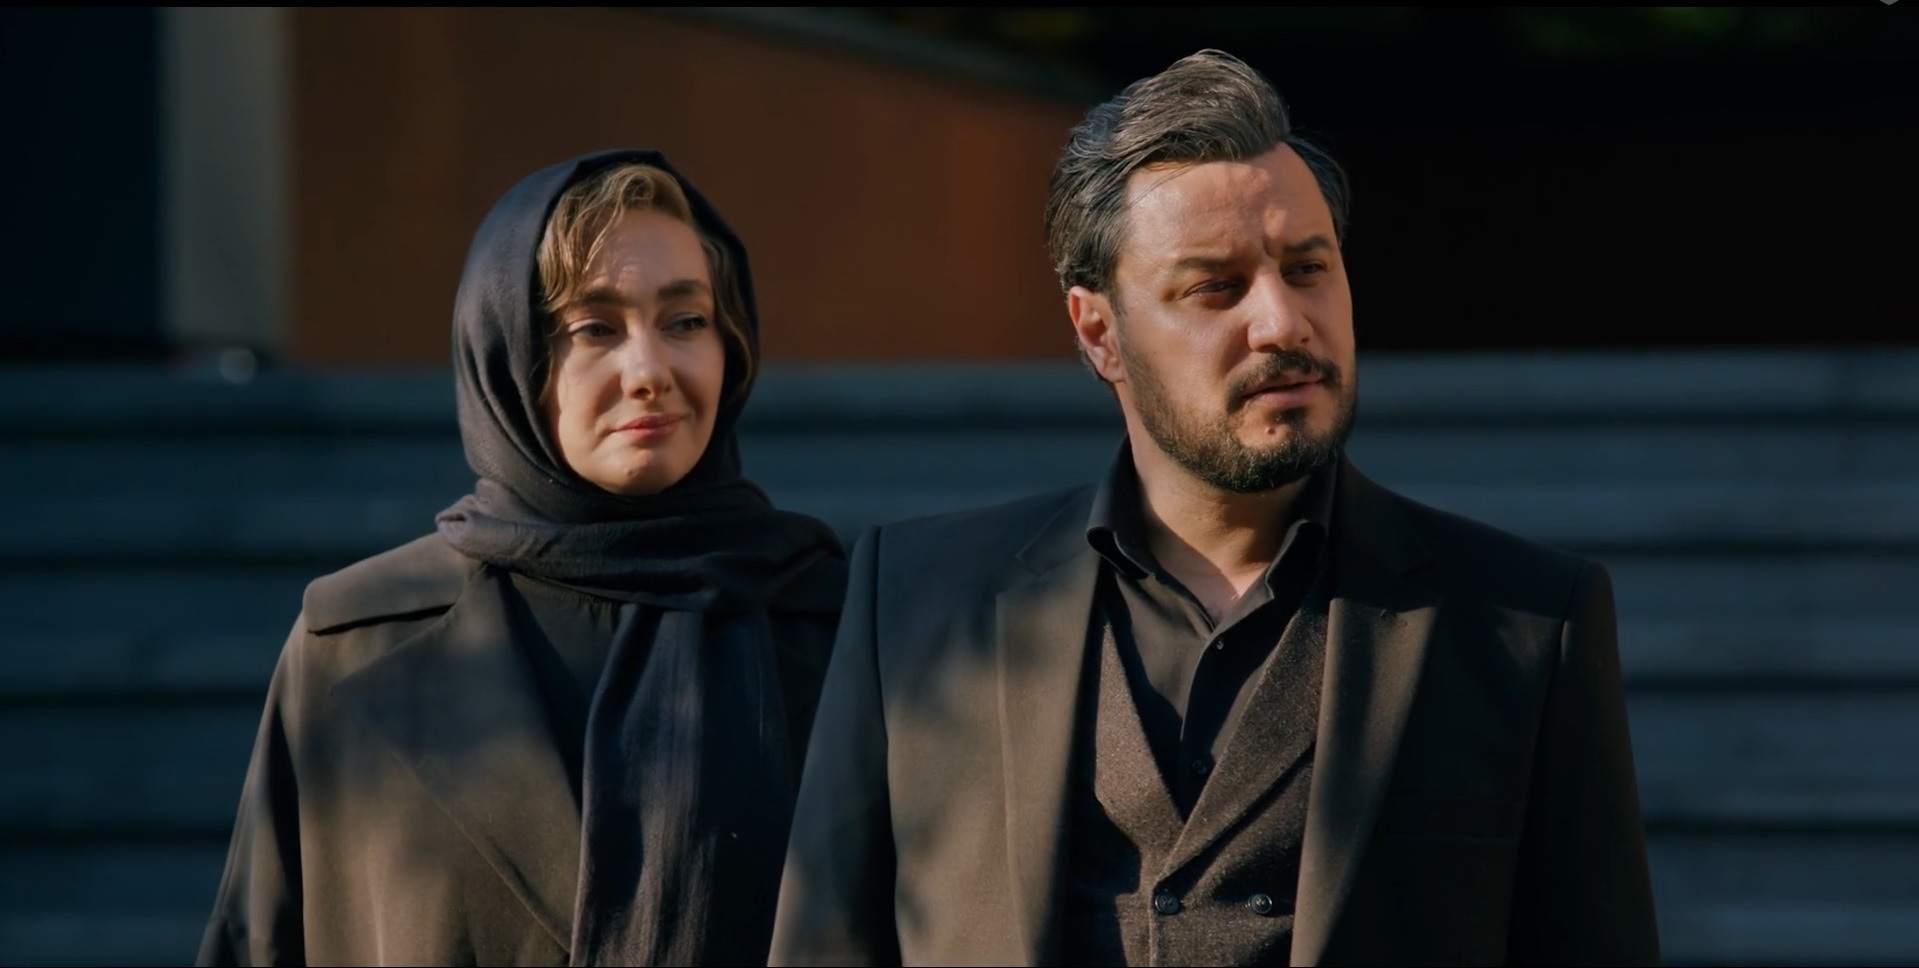 جواد عزتی و هانیه توسلی در زخم کاری